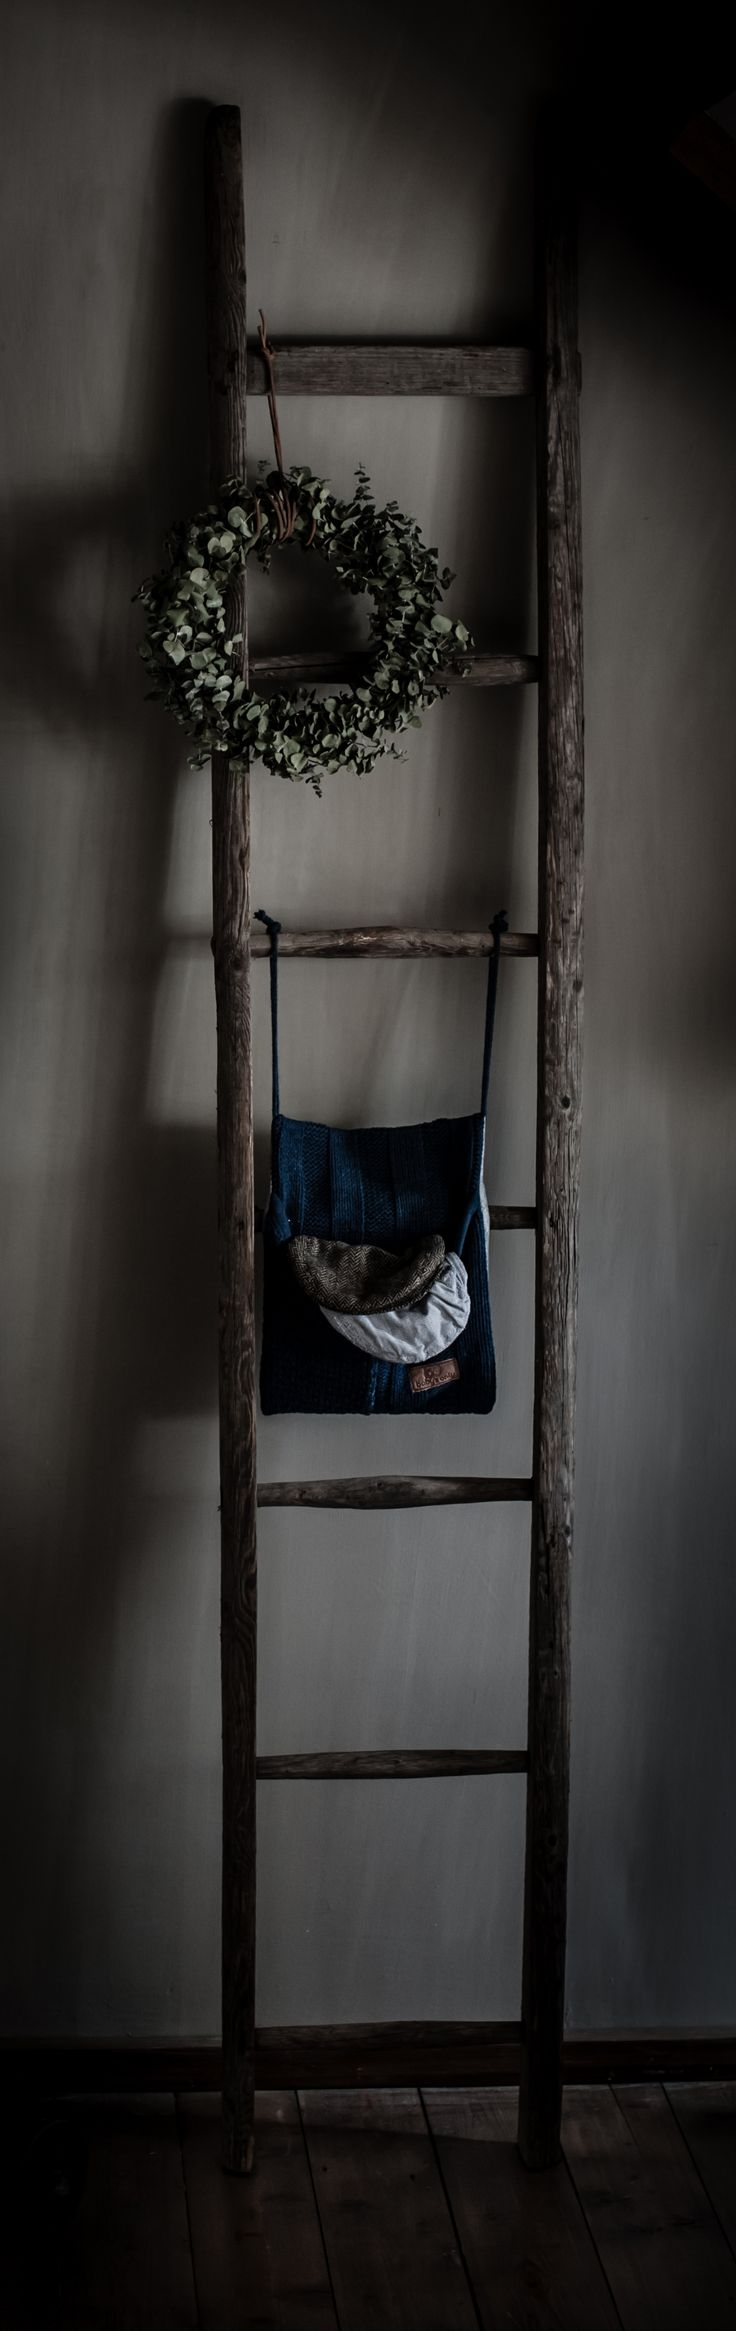 Landelijke Babykamer Met Een Krans Van Hoffz En Leuke Decoratie Van Baby´s Only En Knit Factory.......